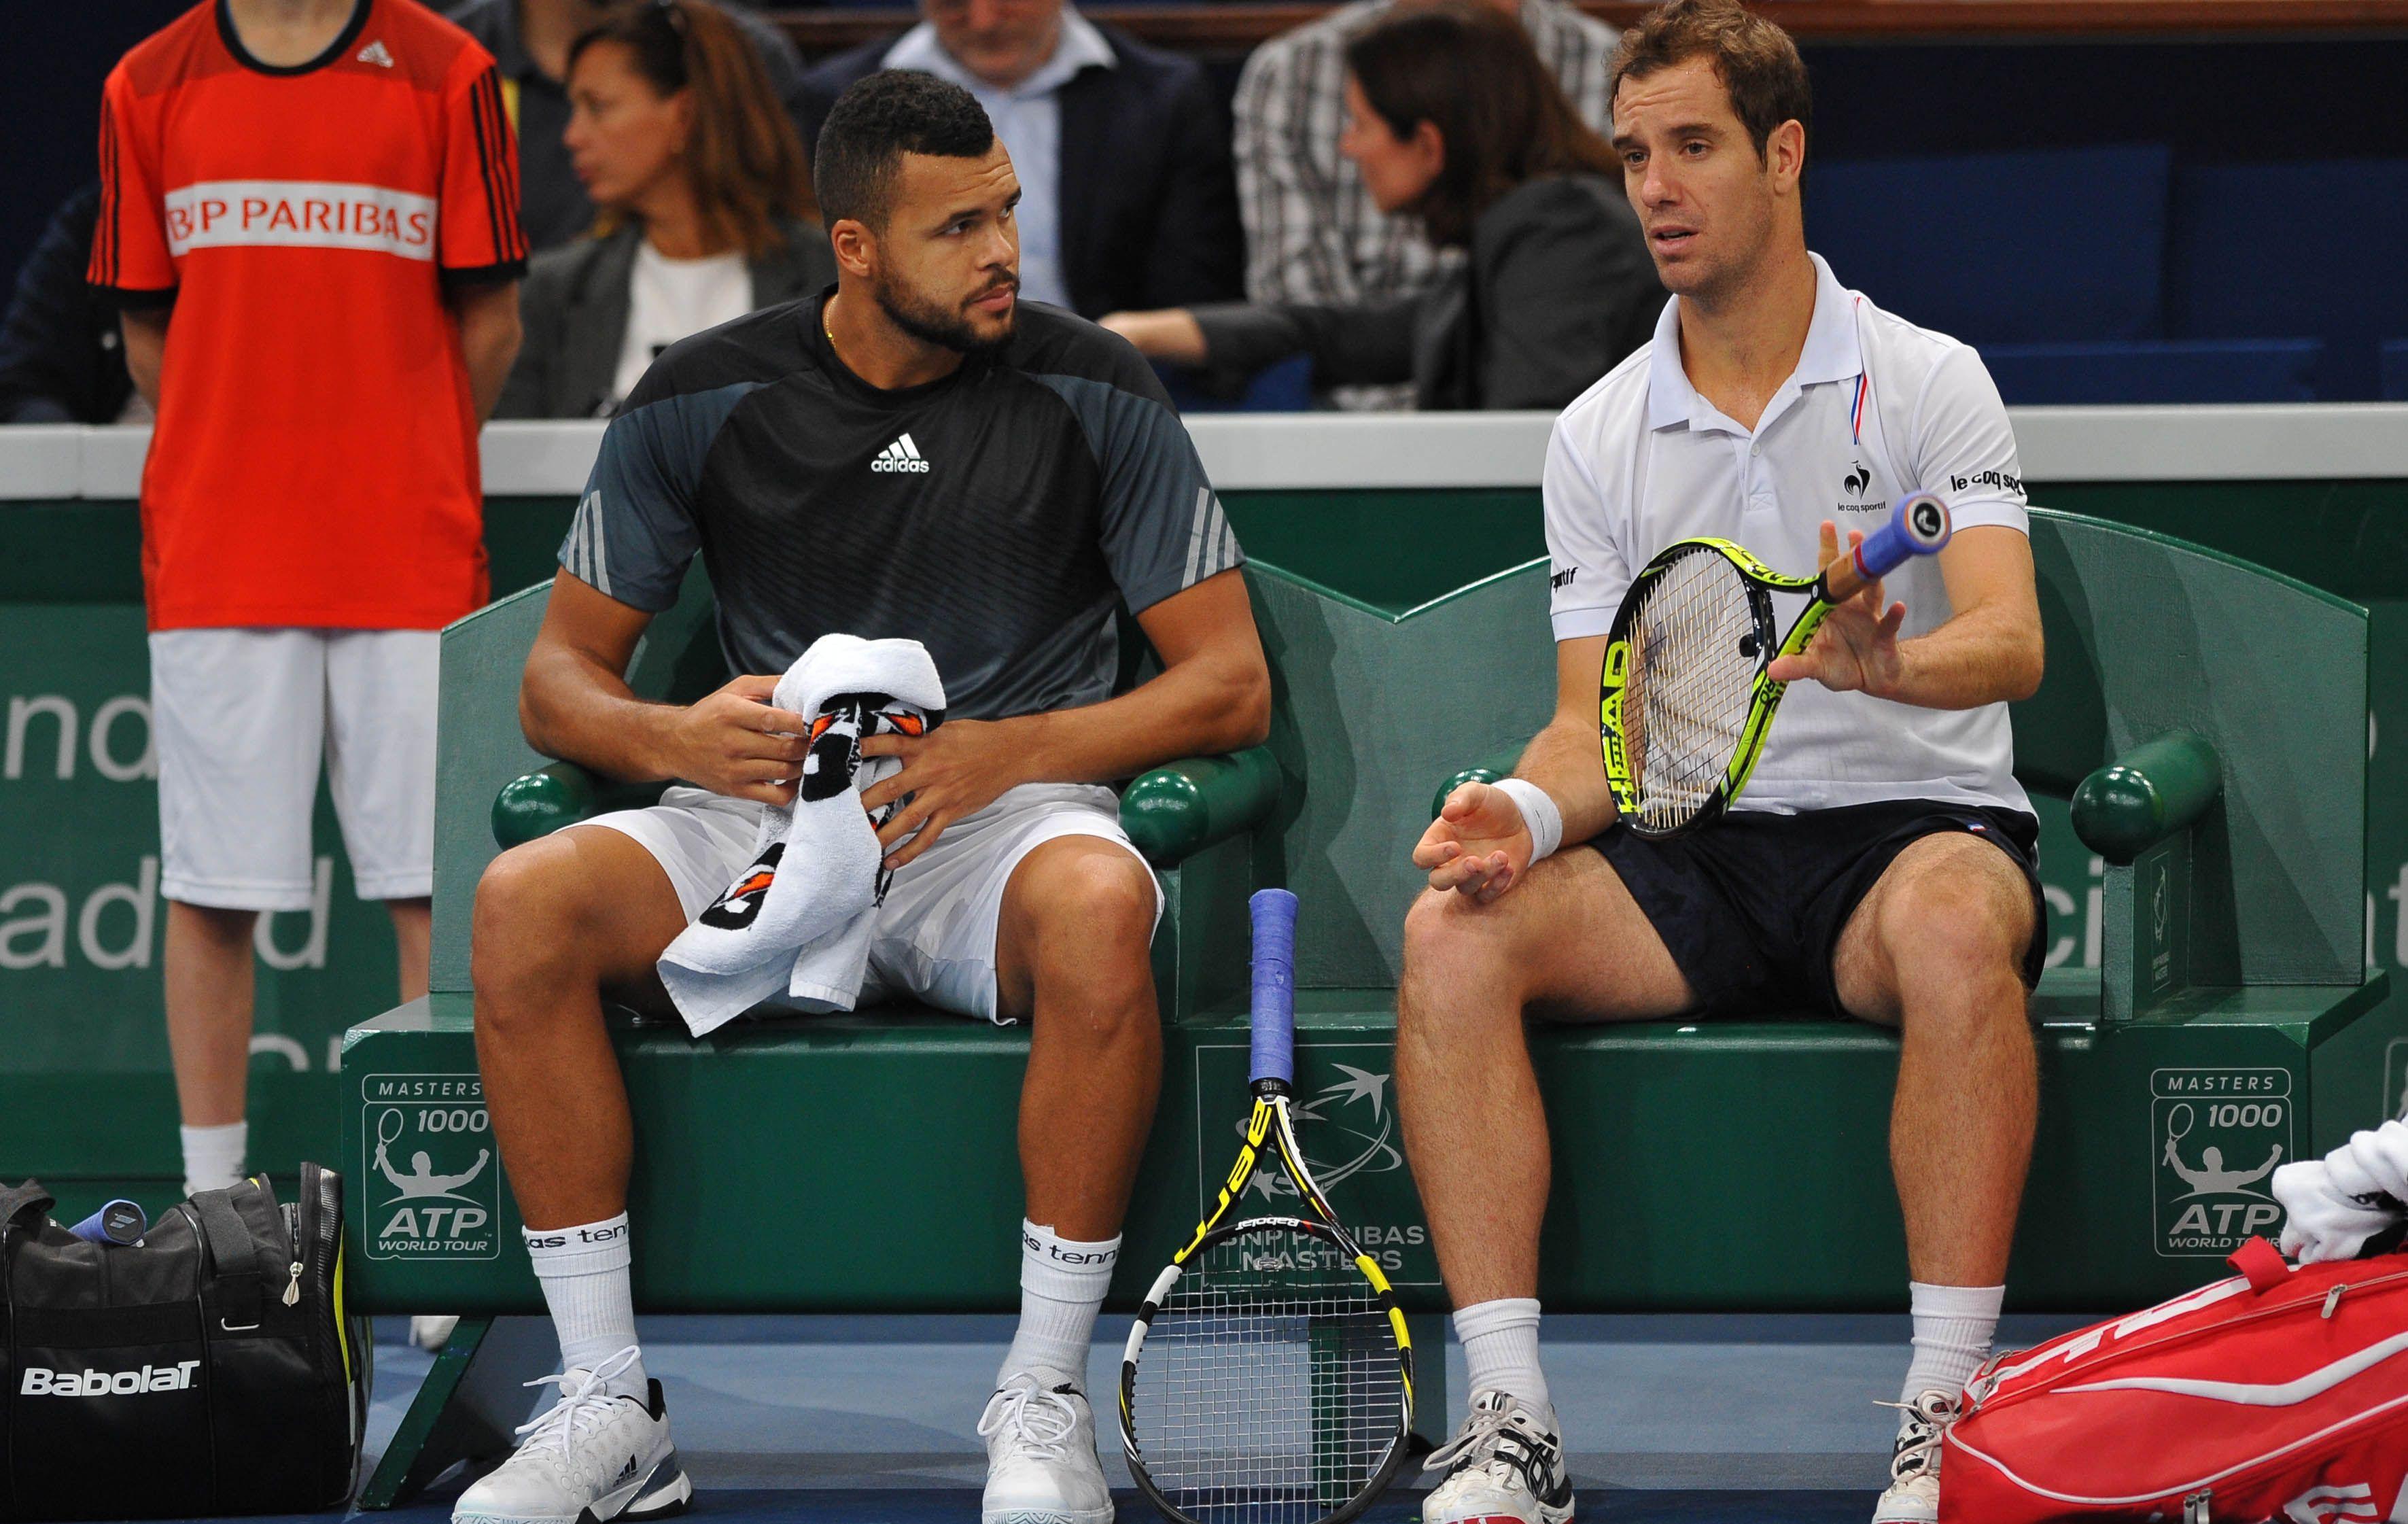 Tennis : ATP - Gasquet/Tsonga, un double pour quoi faire ?